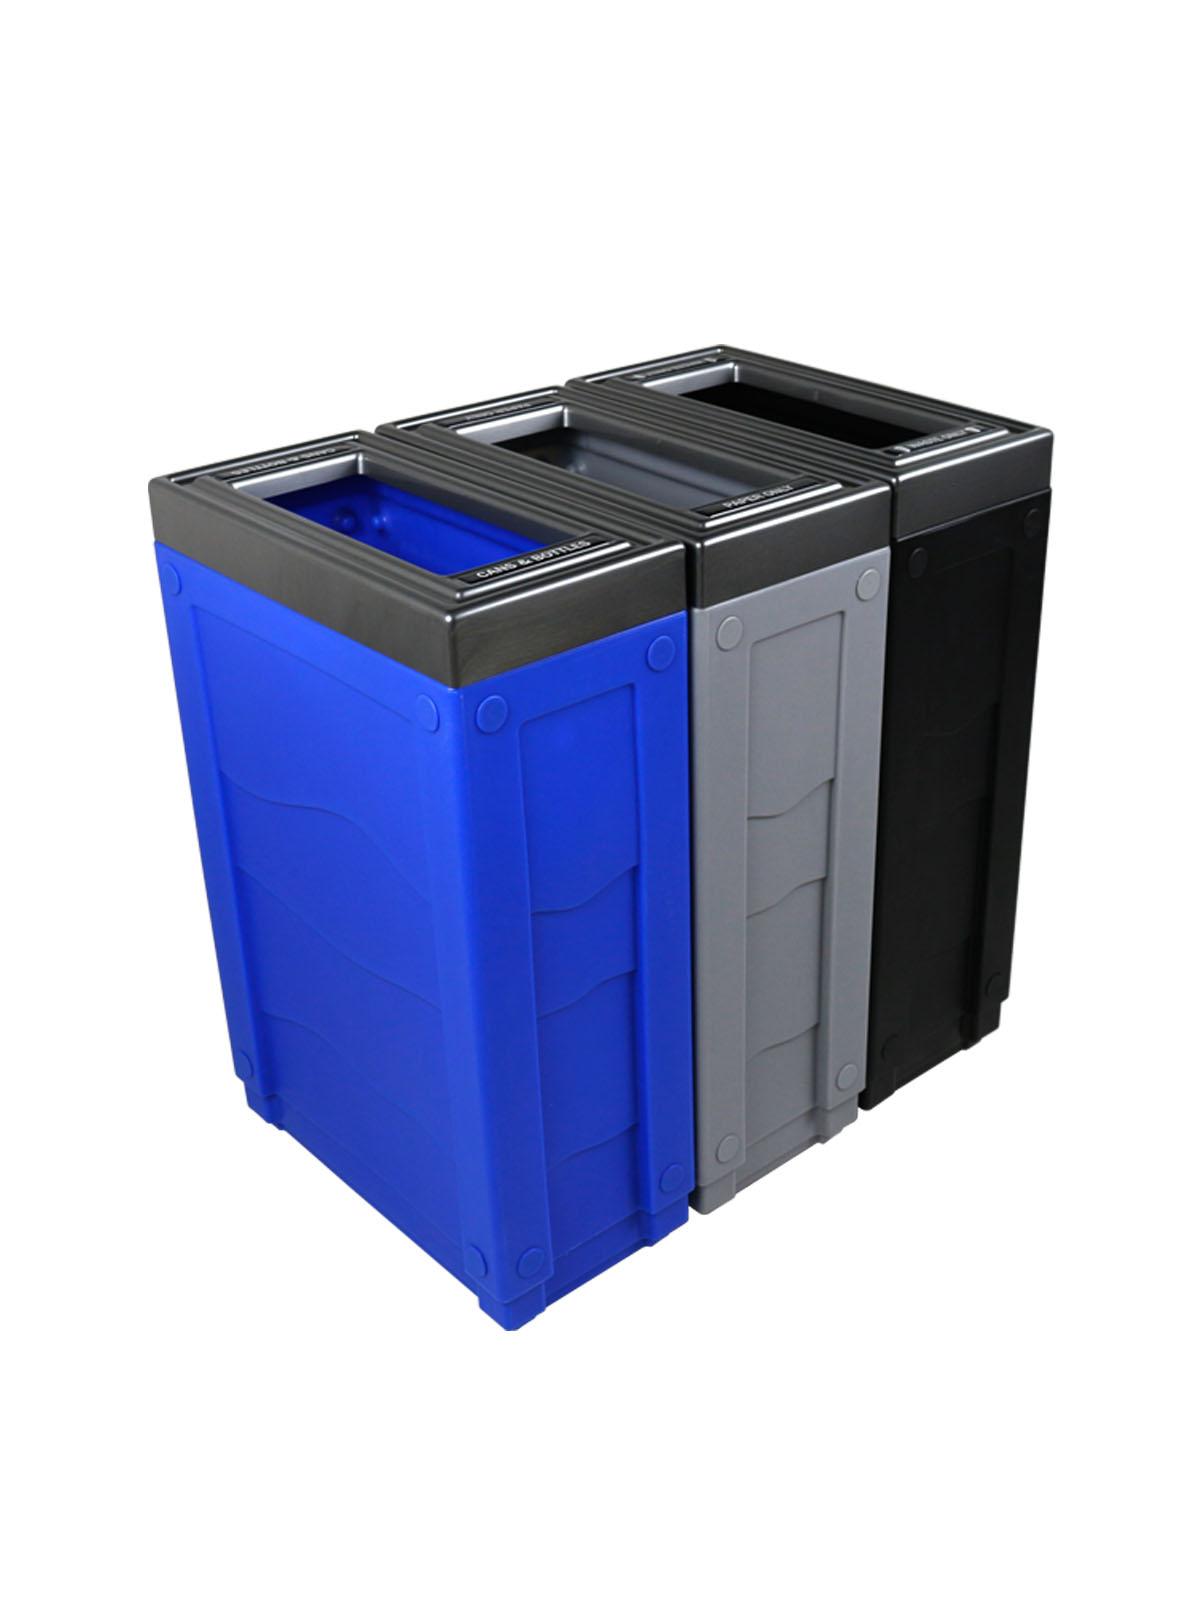 EVOLVE - Triple - Cans & Bottles-Paper-Waste - Full - Blue-Grey-Black